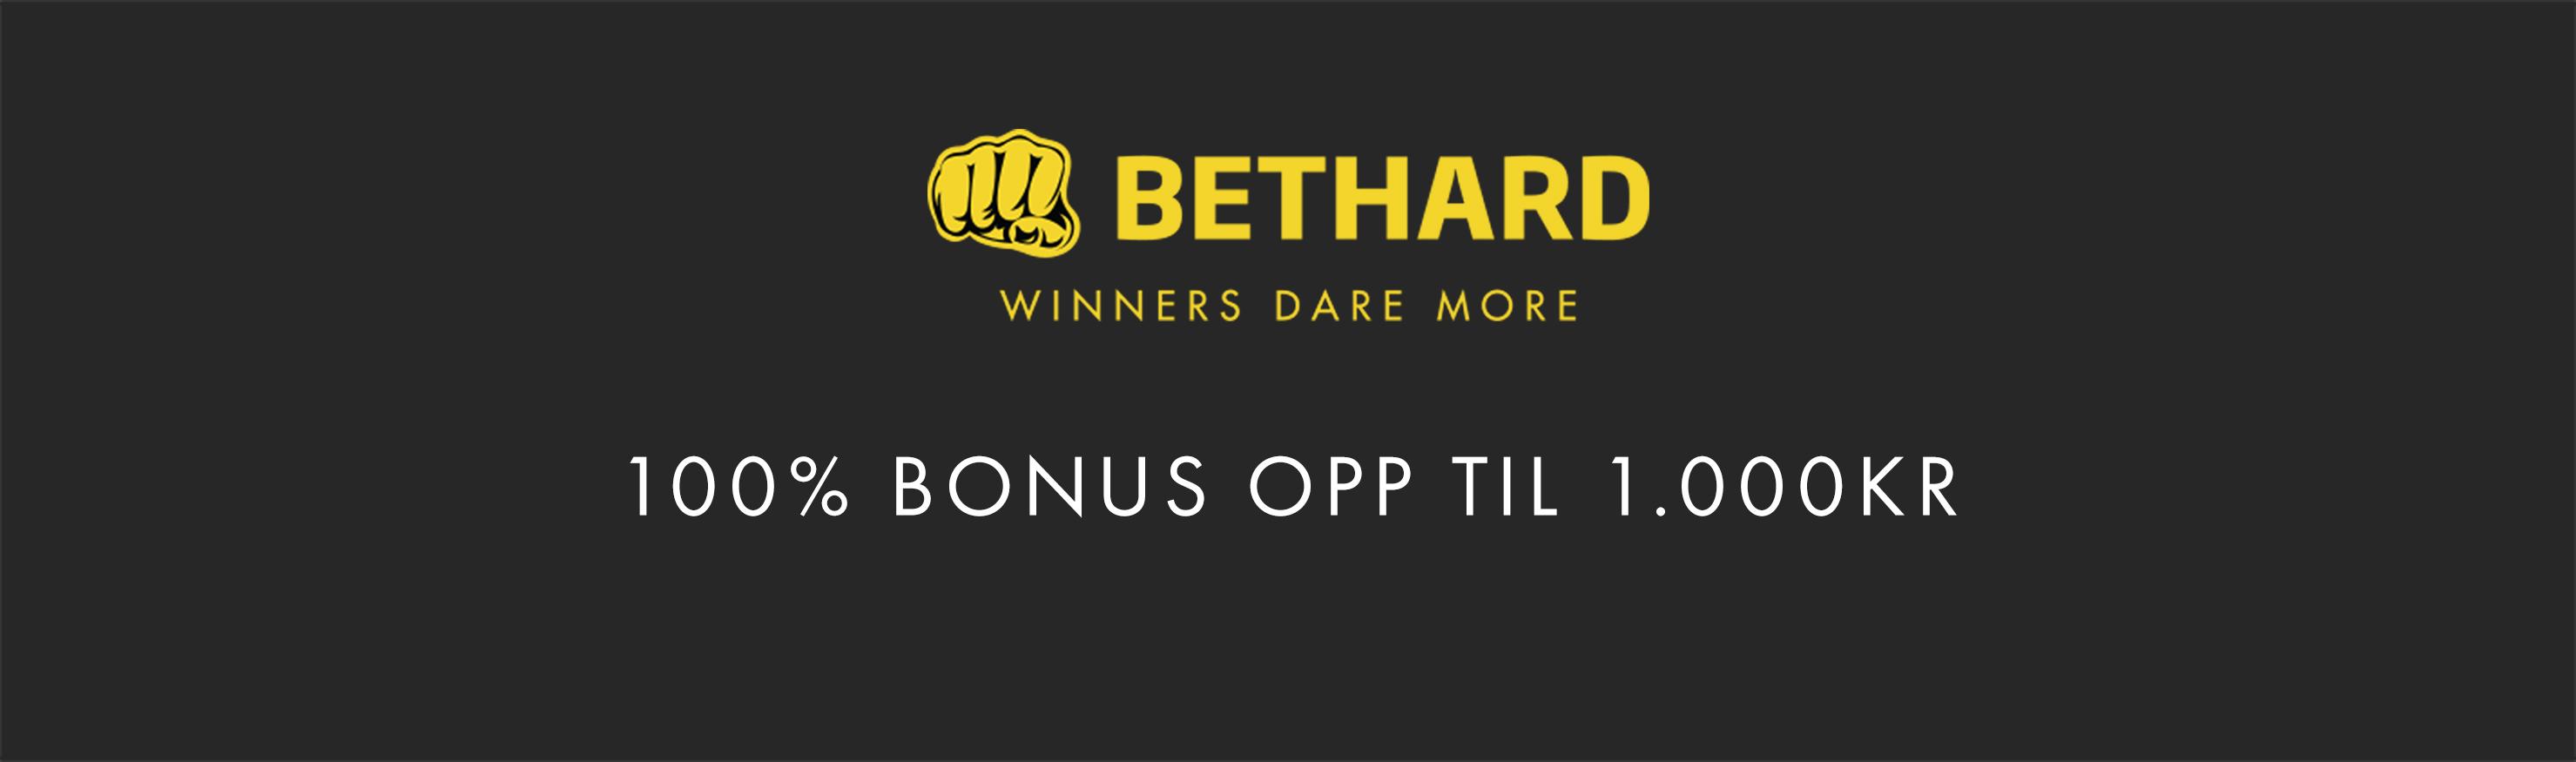 Bethard oddsbonus